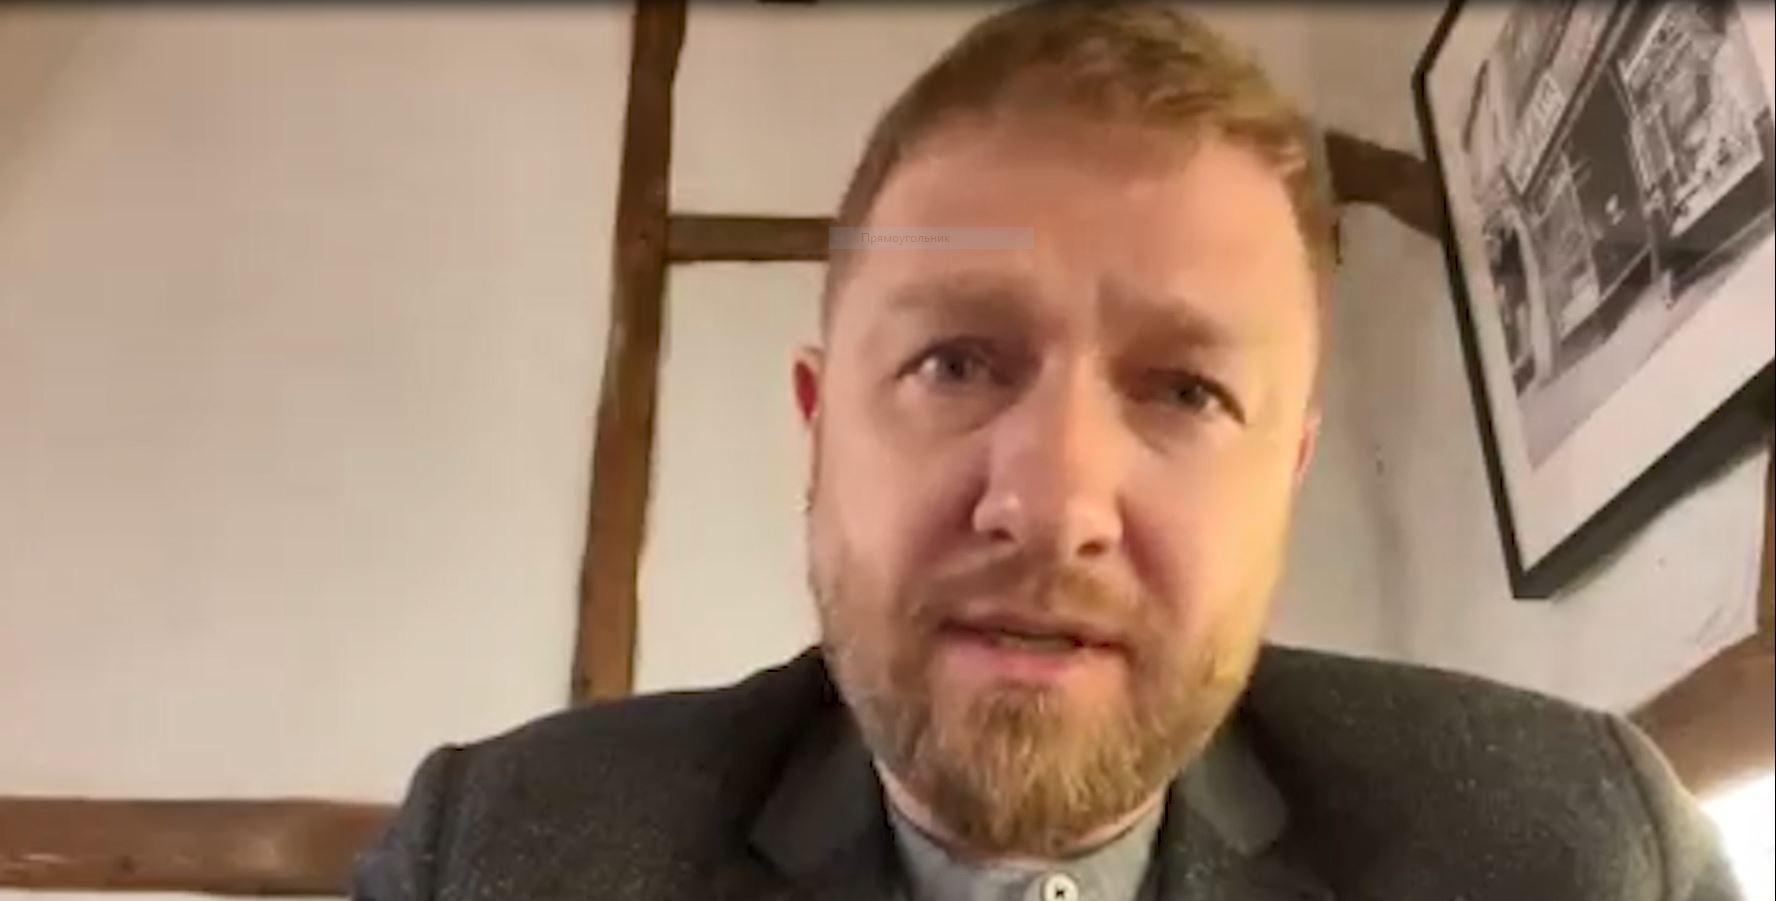 Фейковую халтуру делают работники «местных фабрик троллей»: московский журналист опроверг фейковые видео с голосований